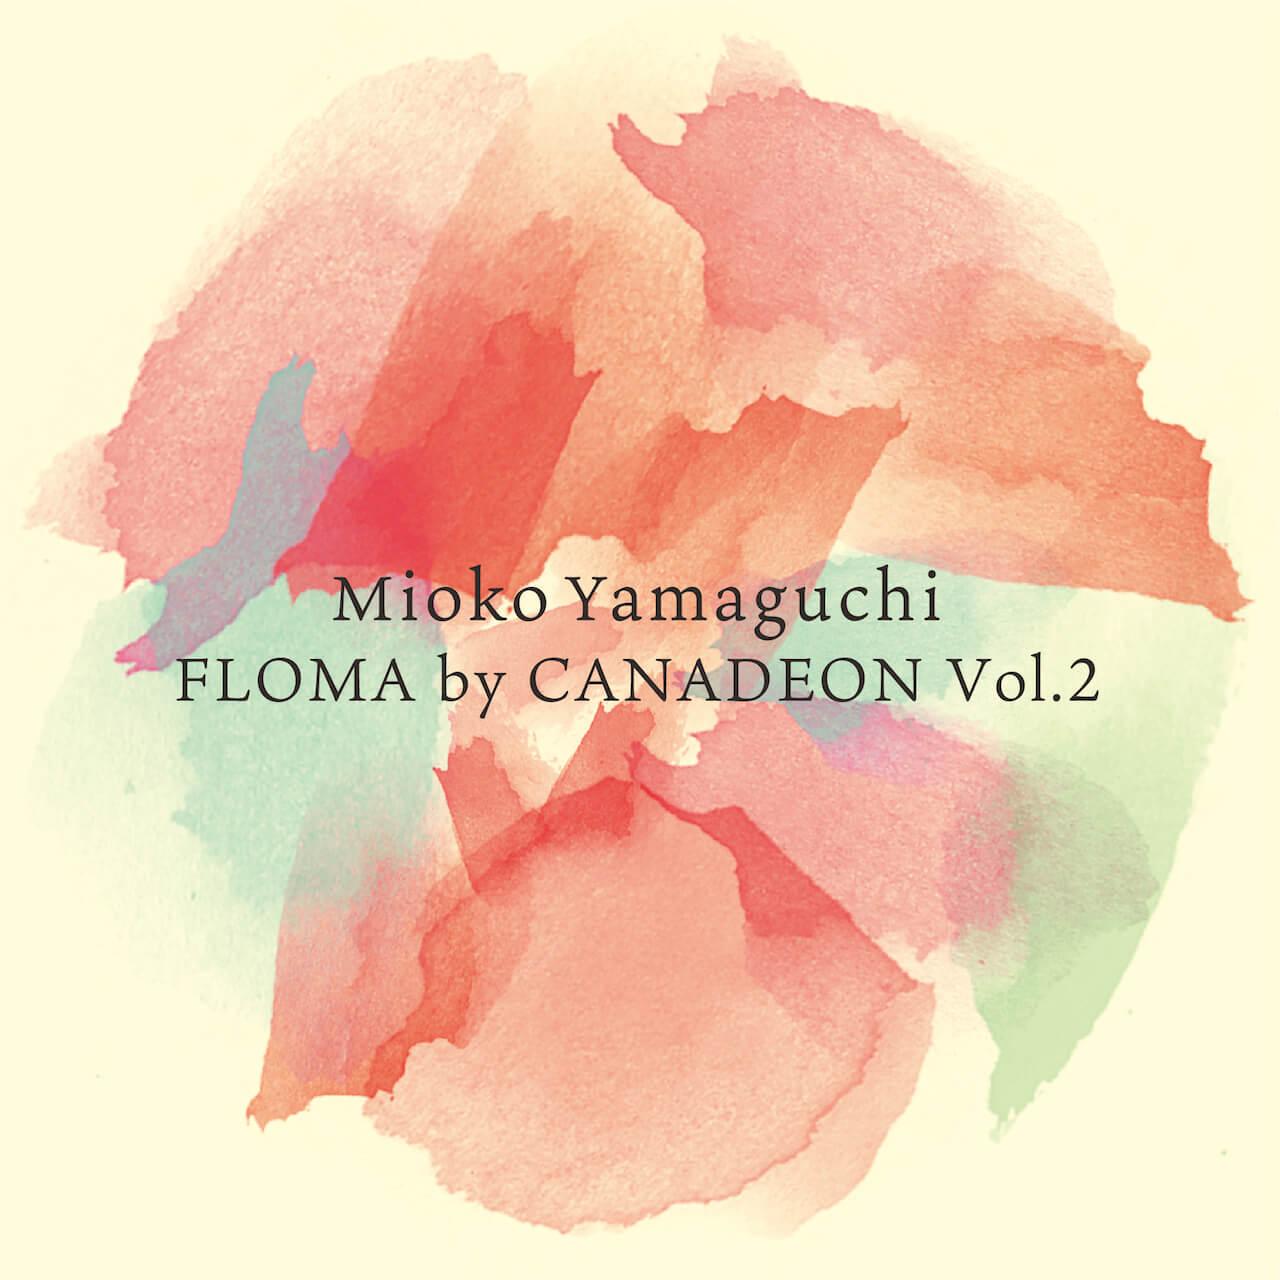 山口美央子による「CANADEON PW」のシリーズ企画「FLOMA by CANADEON」第2弾が配信開始! music200428-yamaguchimoioko-canadeon